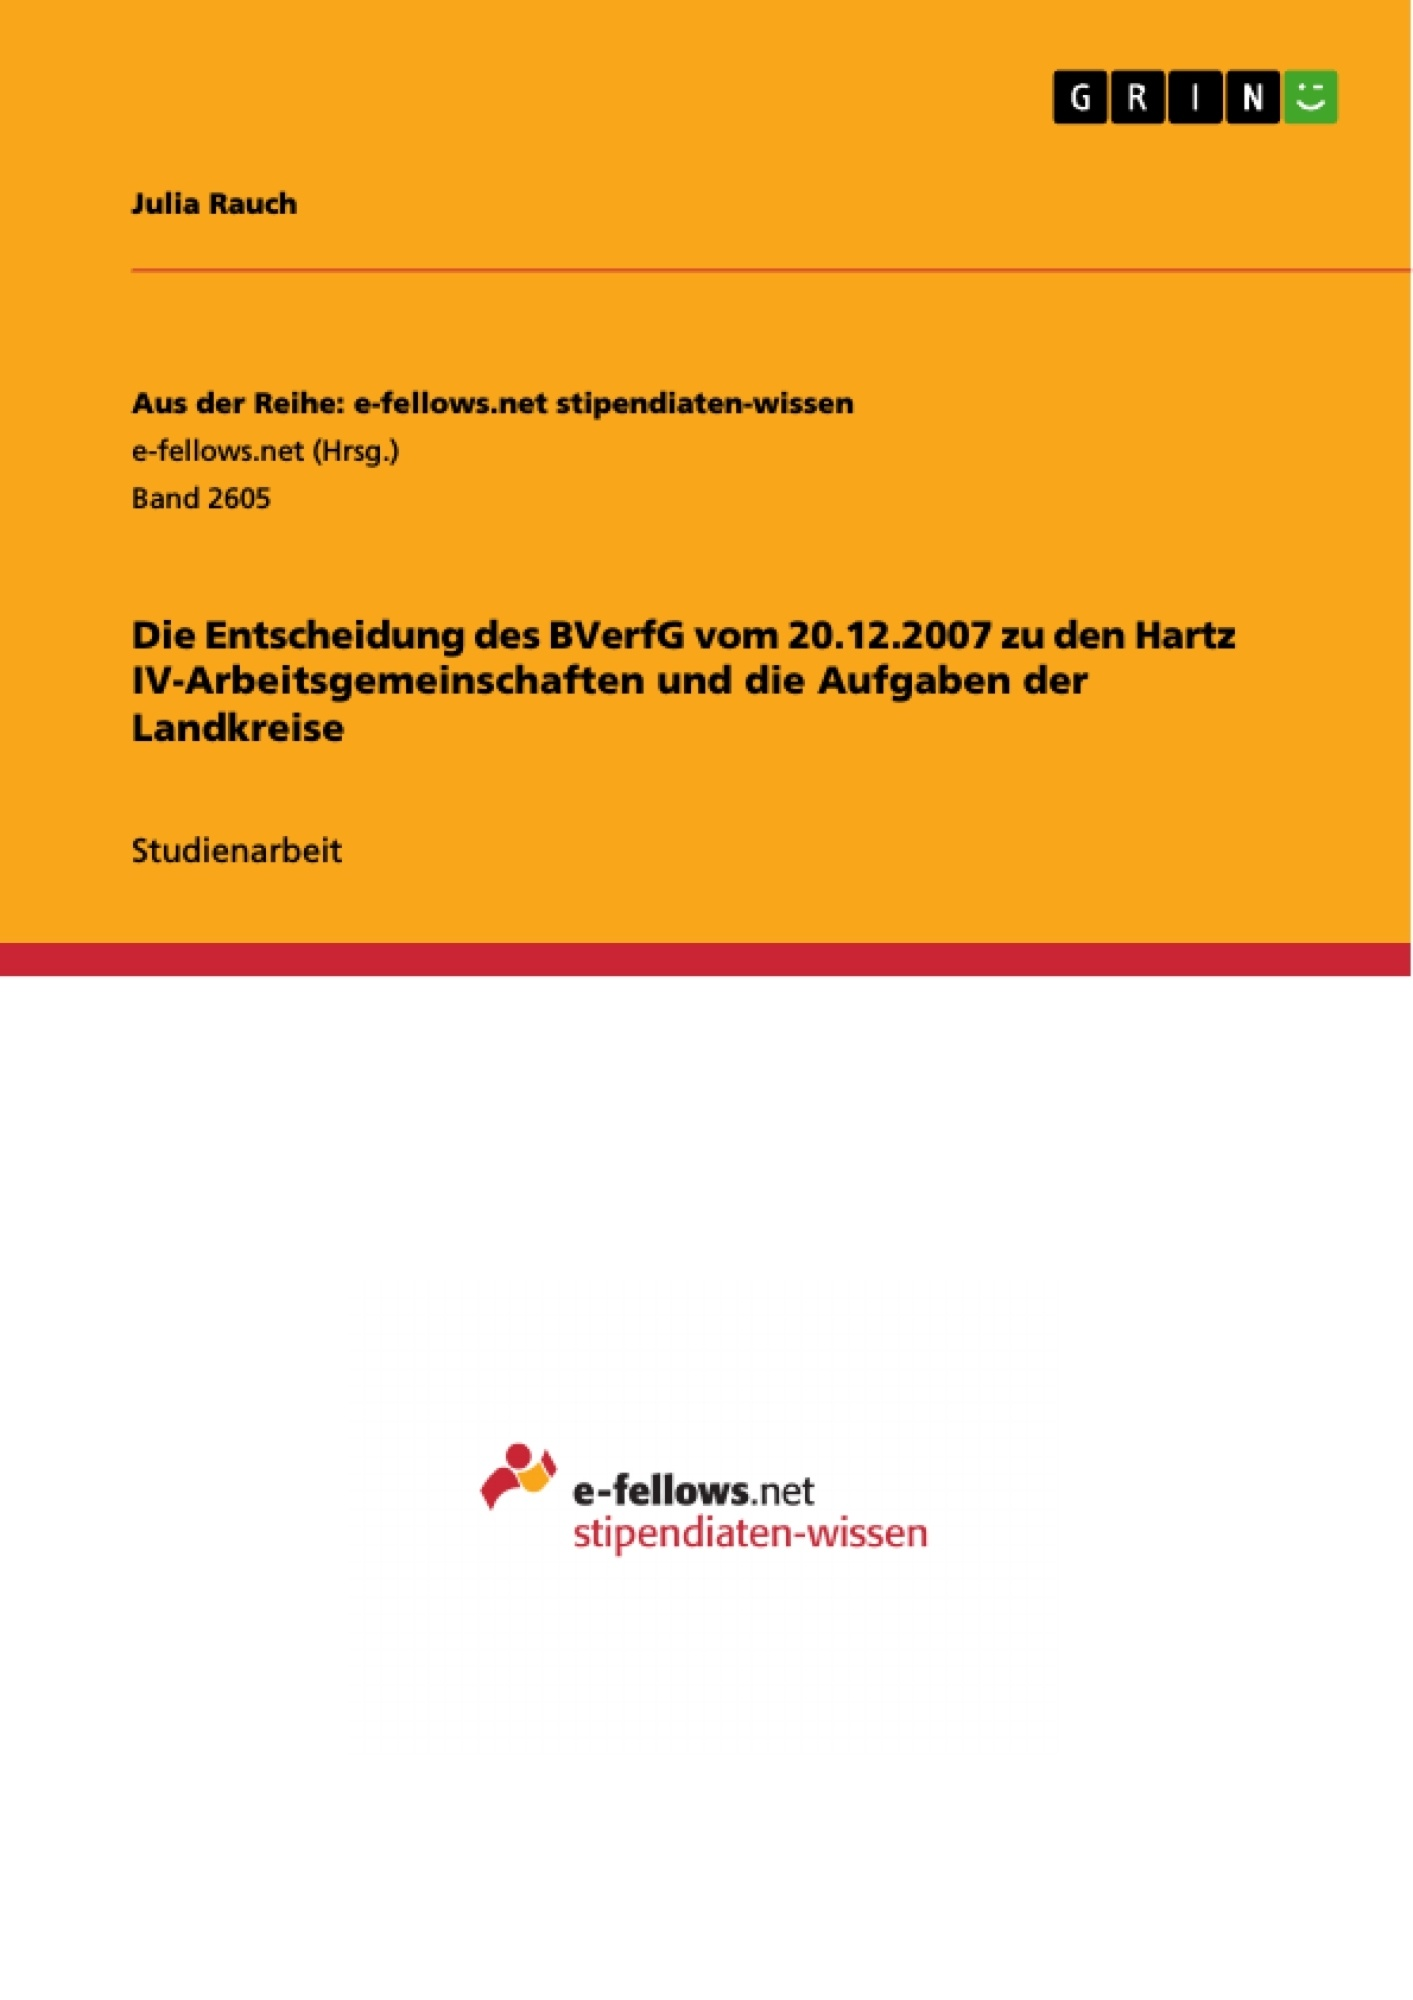 Titel: Die Entscheidung des BVerfG vom 20.12.2007 zu den Hartz IV-Arbeitsgemeinschaften und die Aufgaben der Landkreise